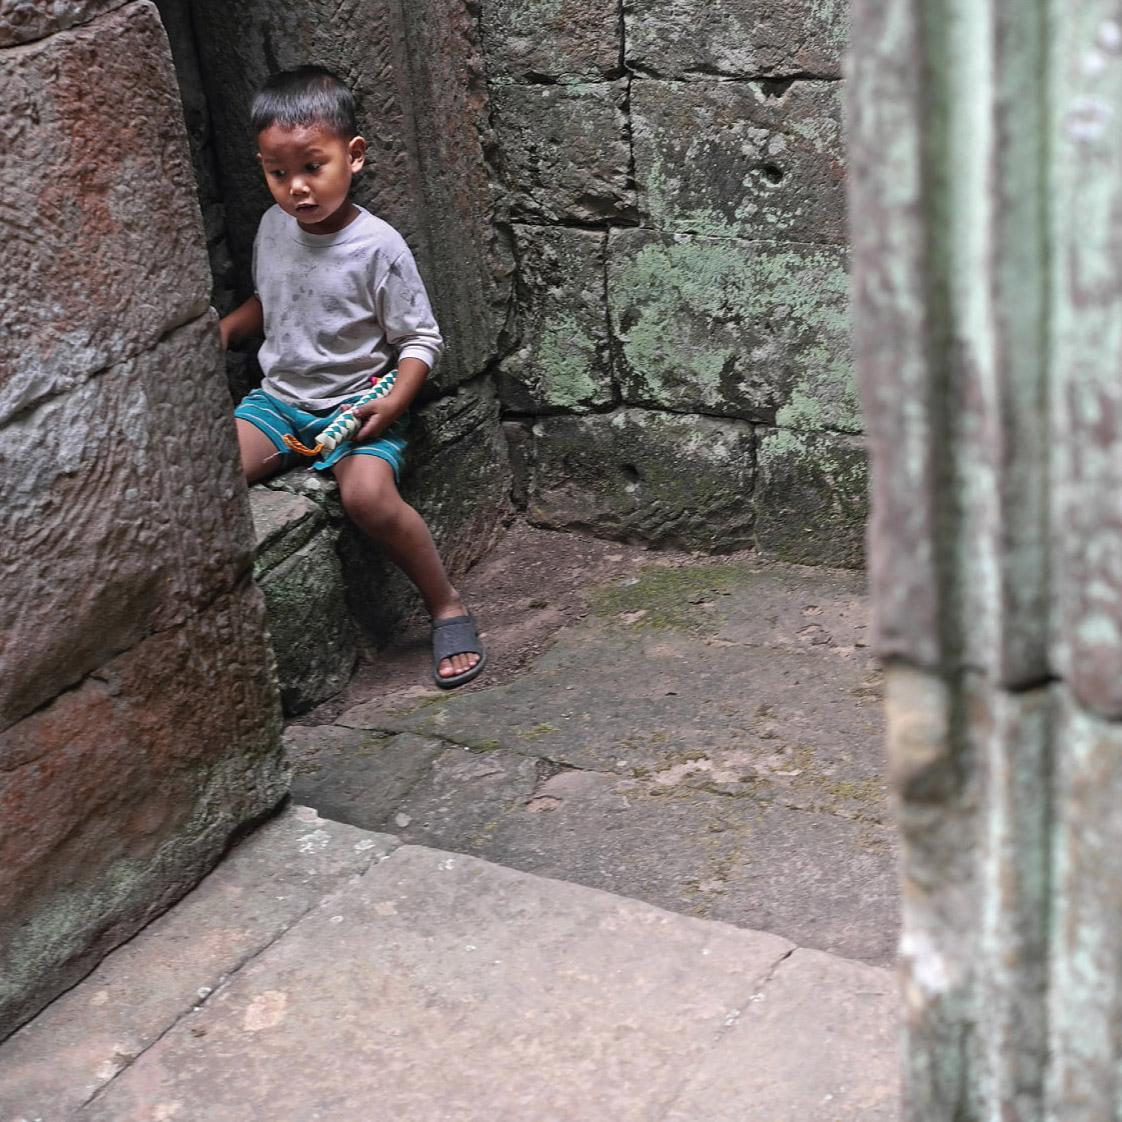 Myself_ Photographs of Children Pagesv2_interior 2-87.jpg